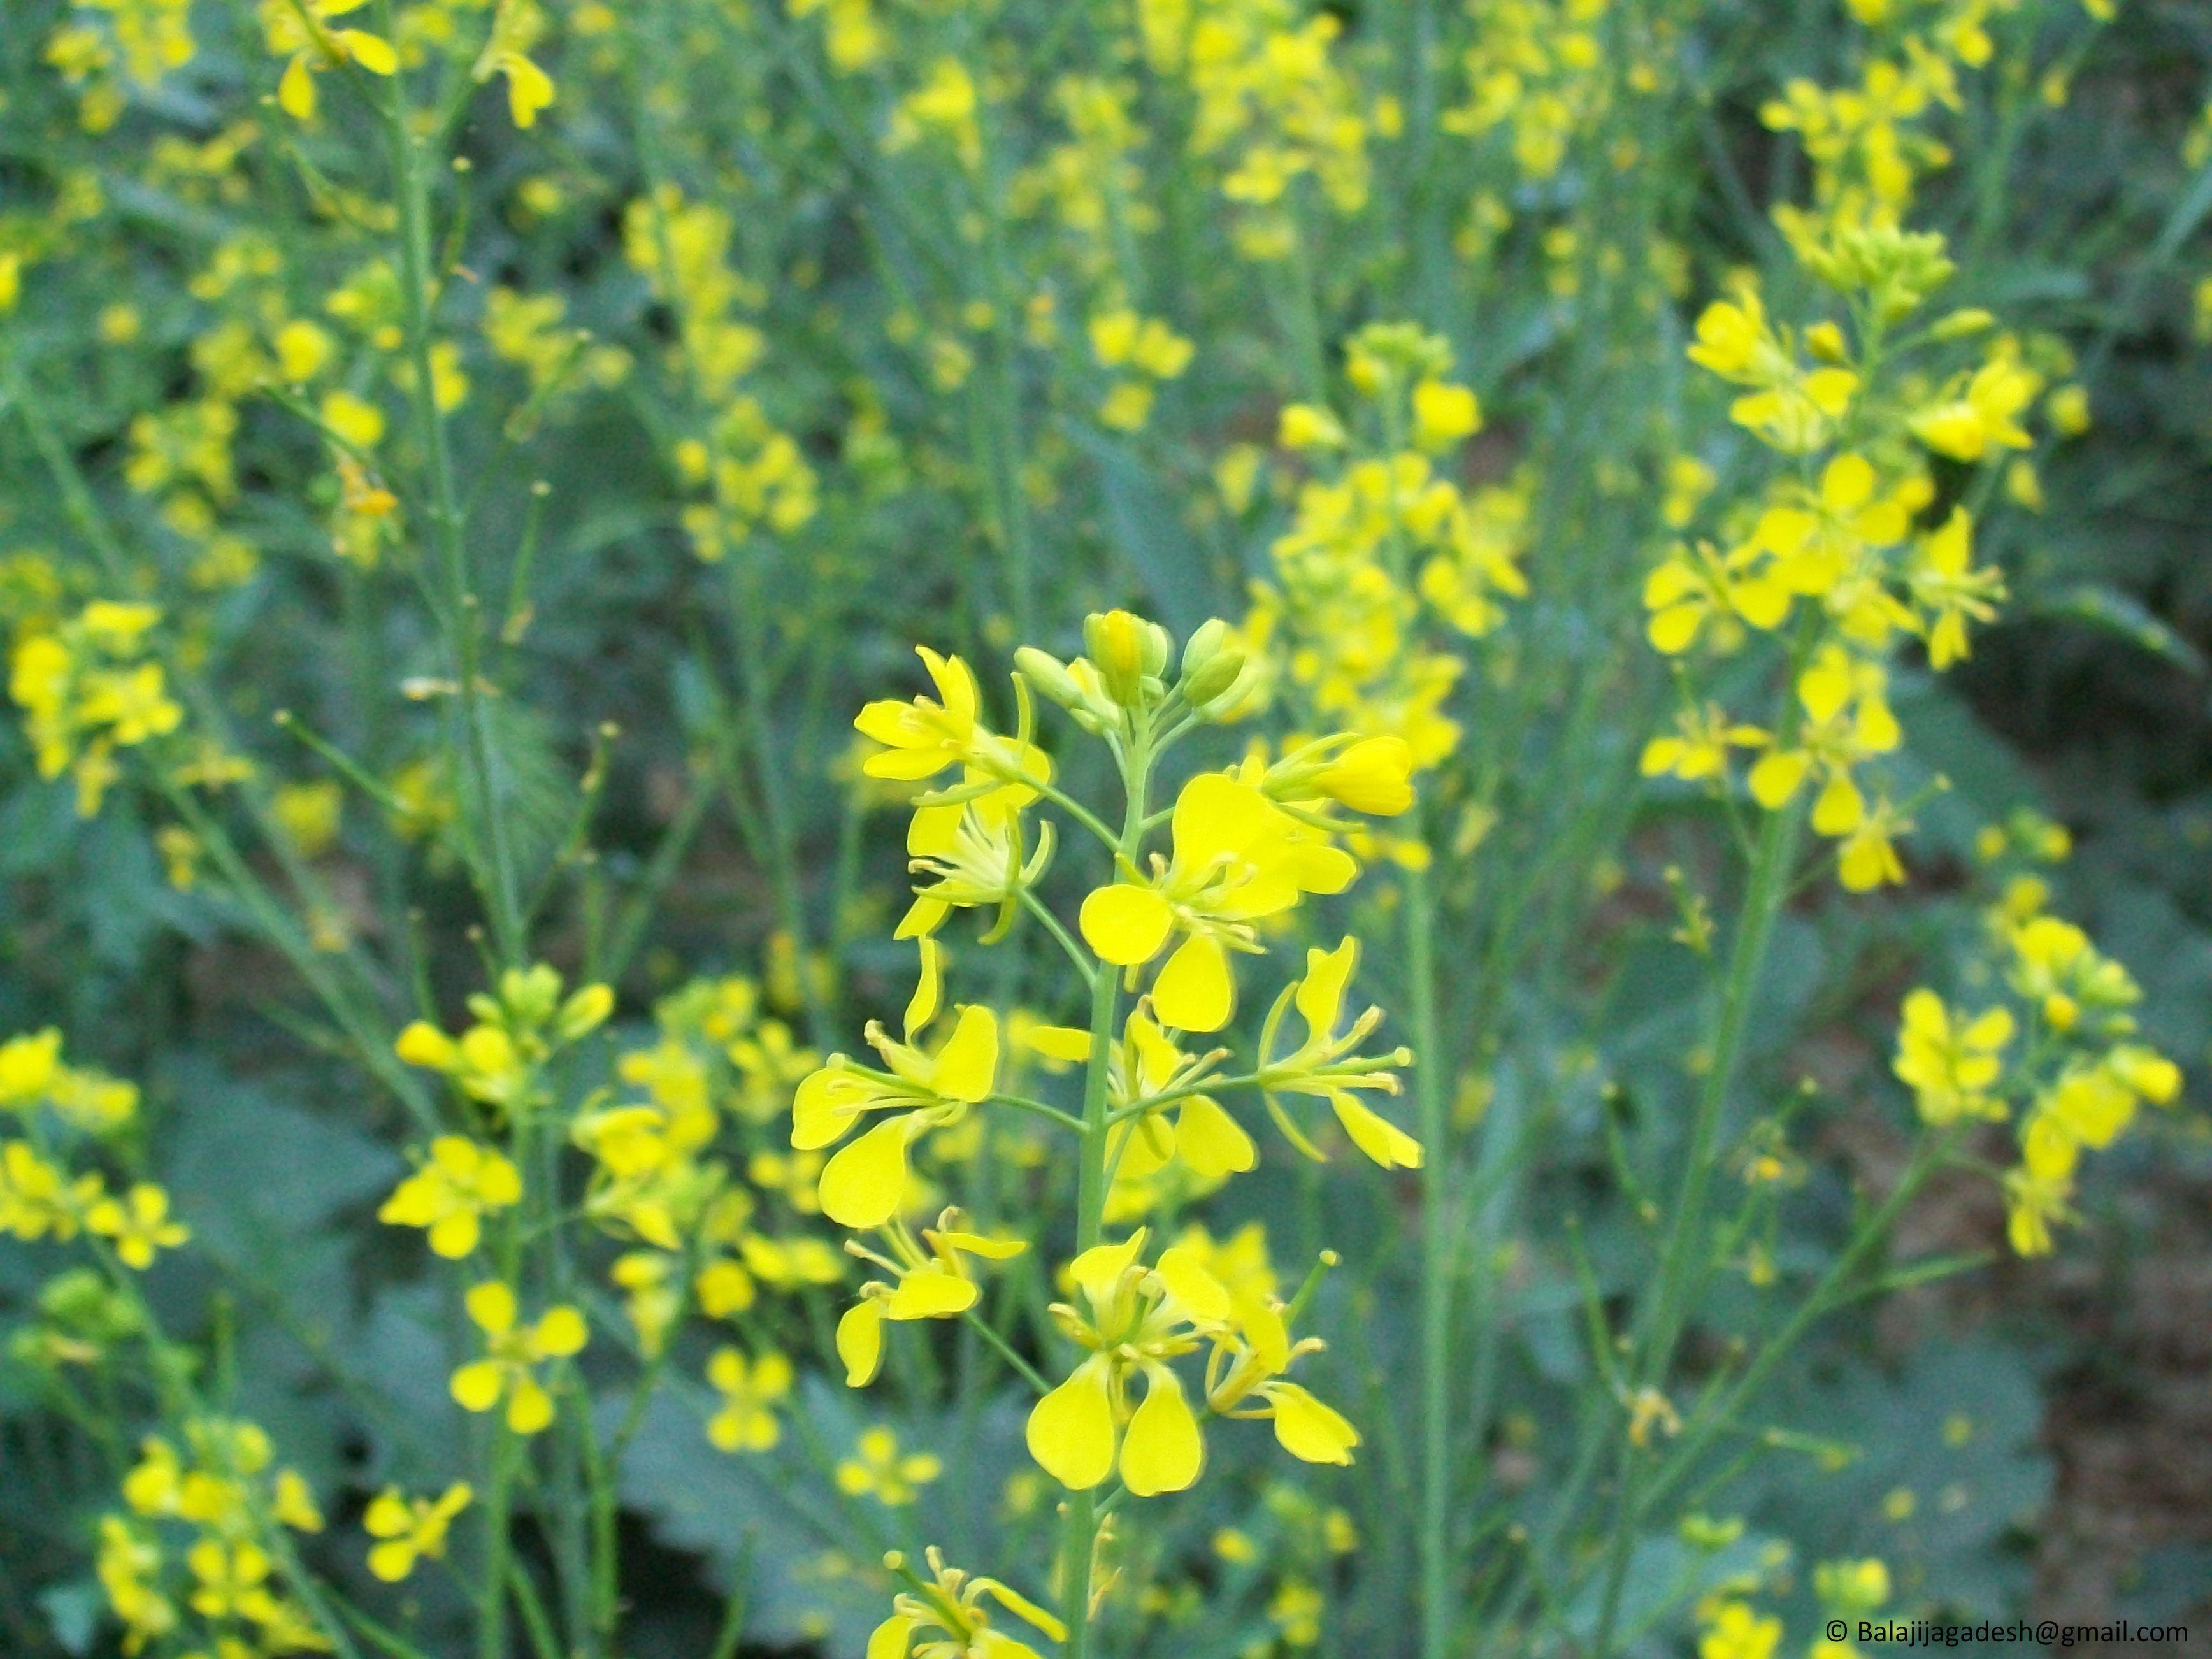 капуста с жёлтыми цветочками